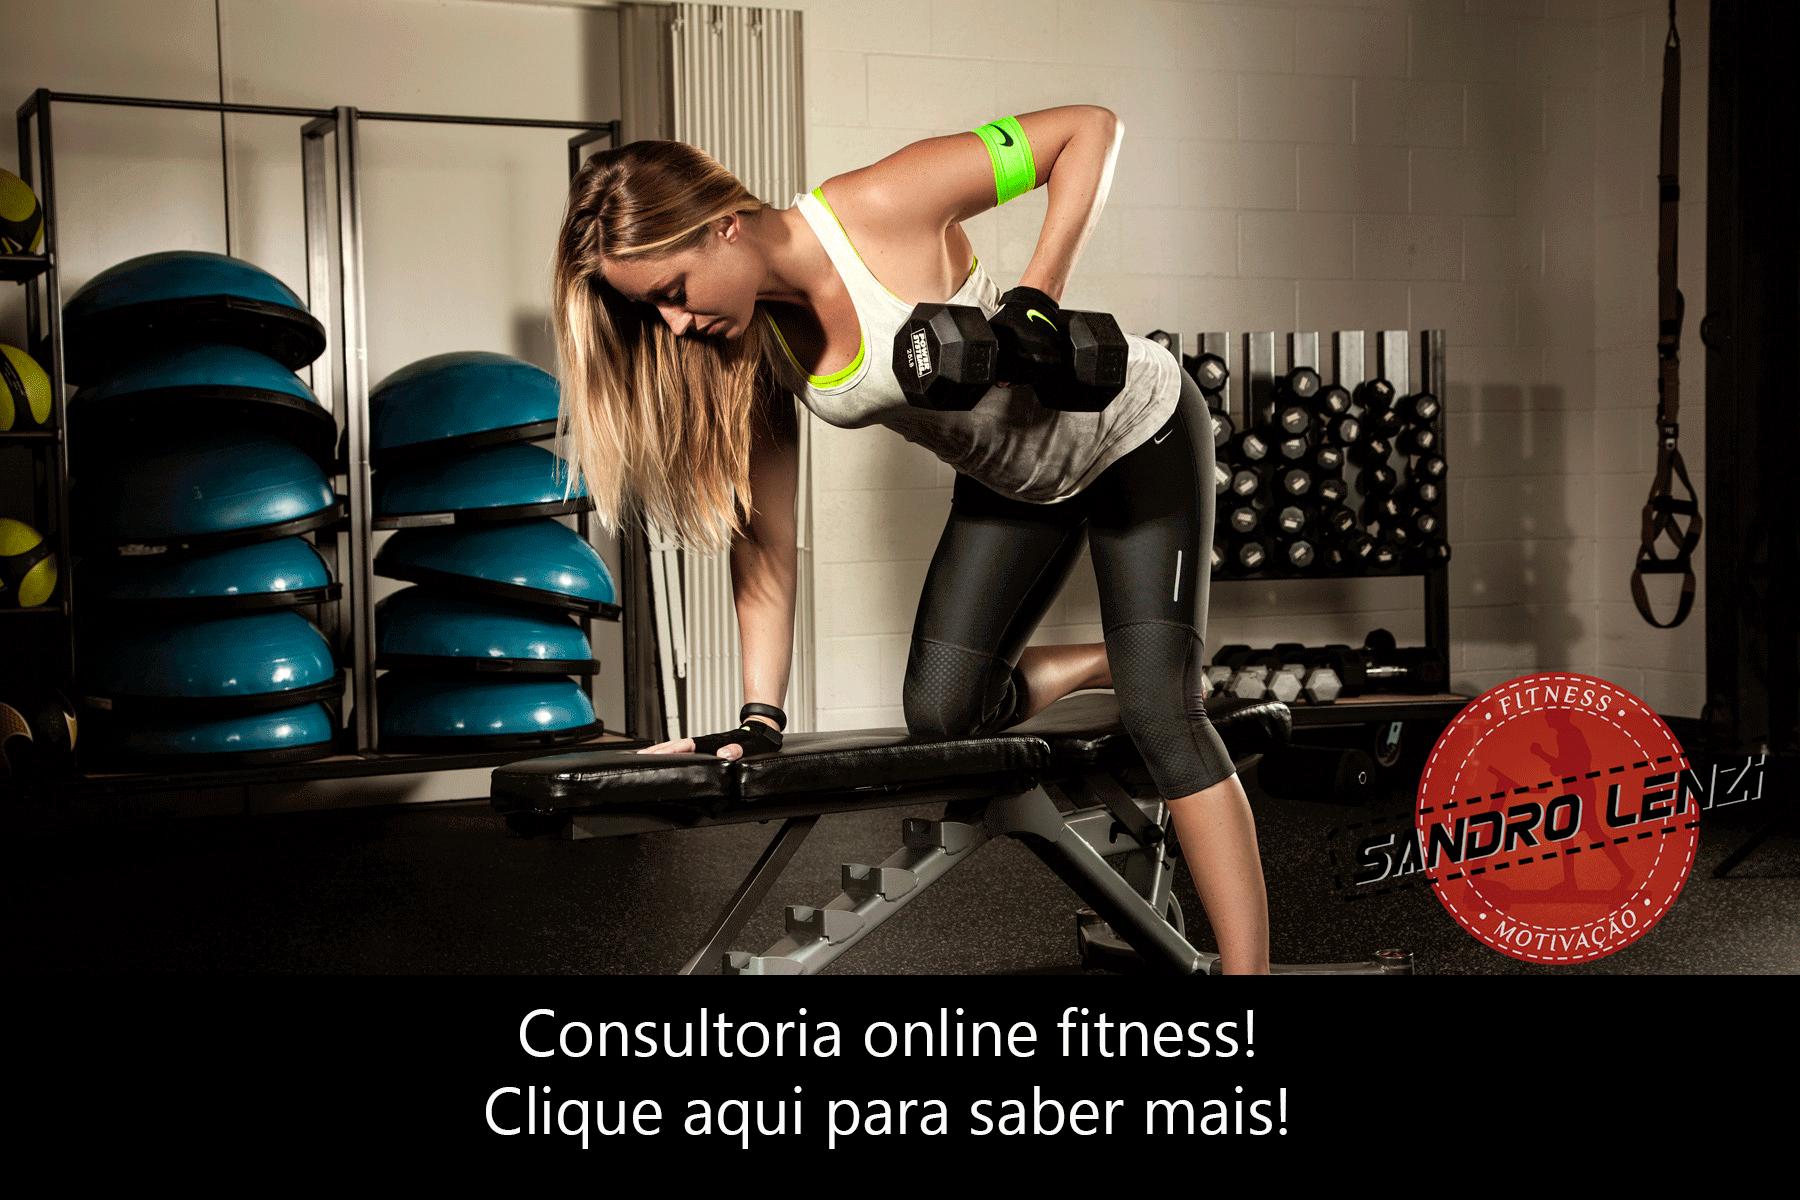 consultoria online fitness